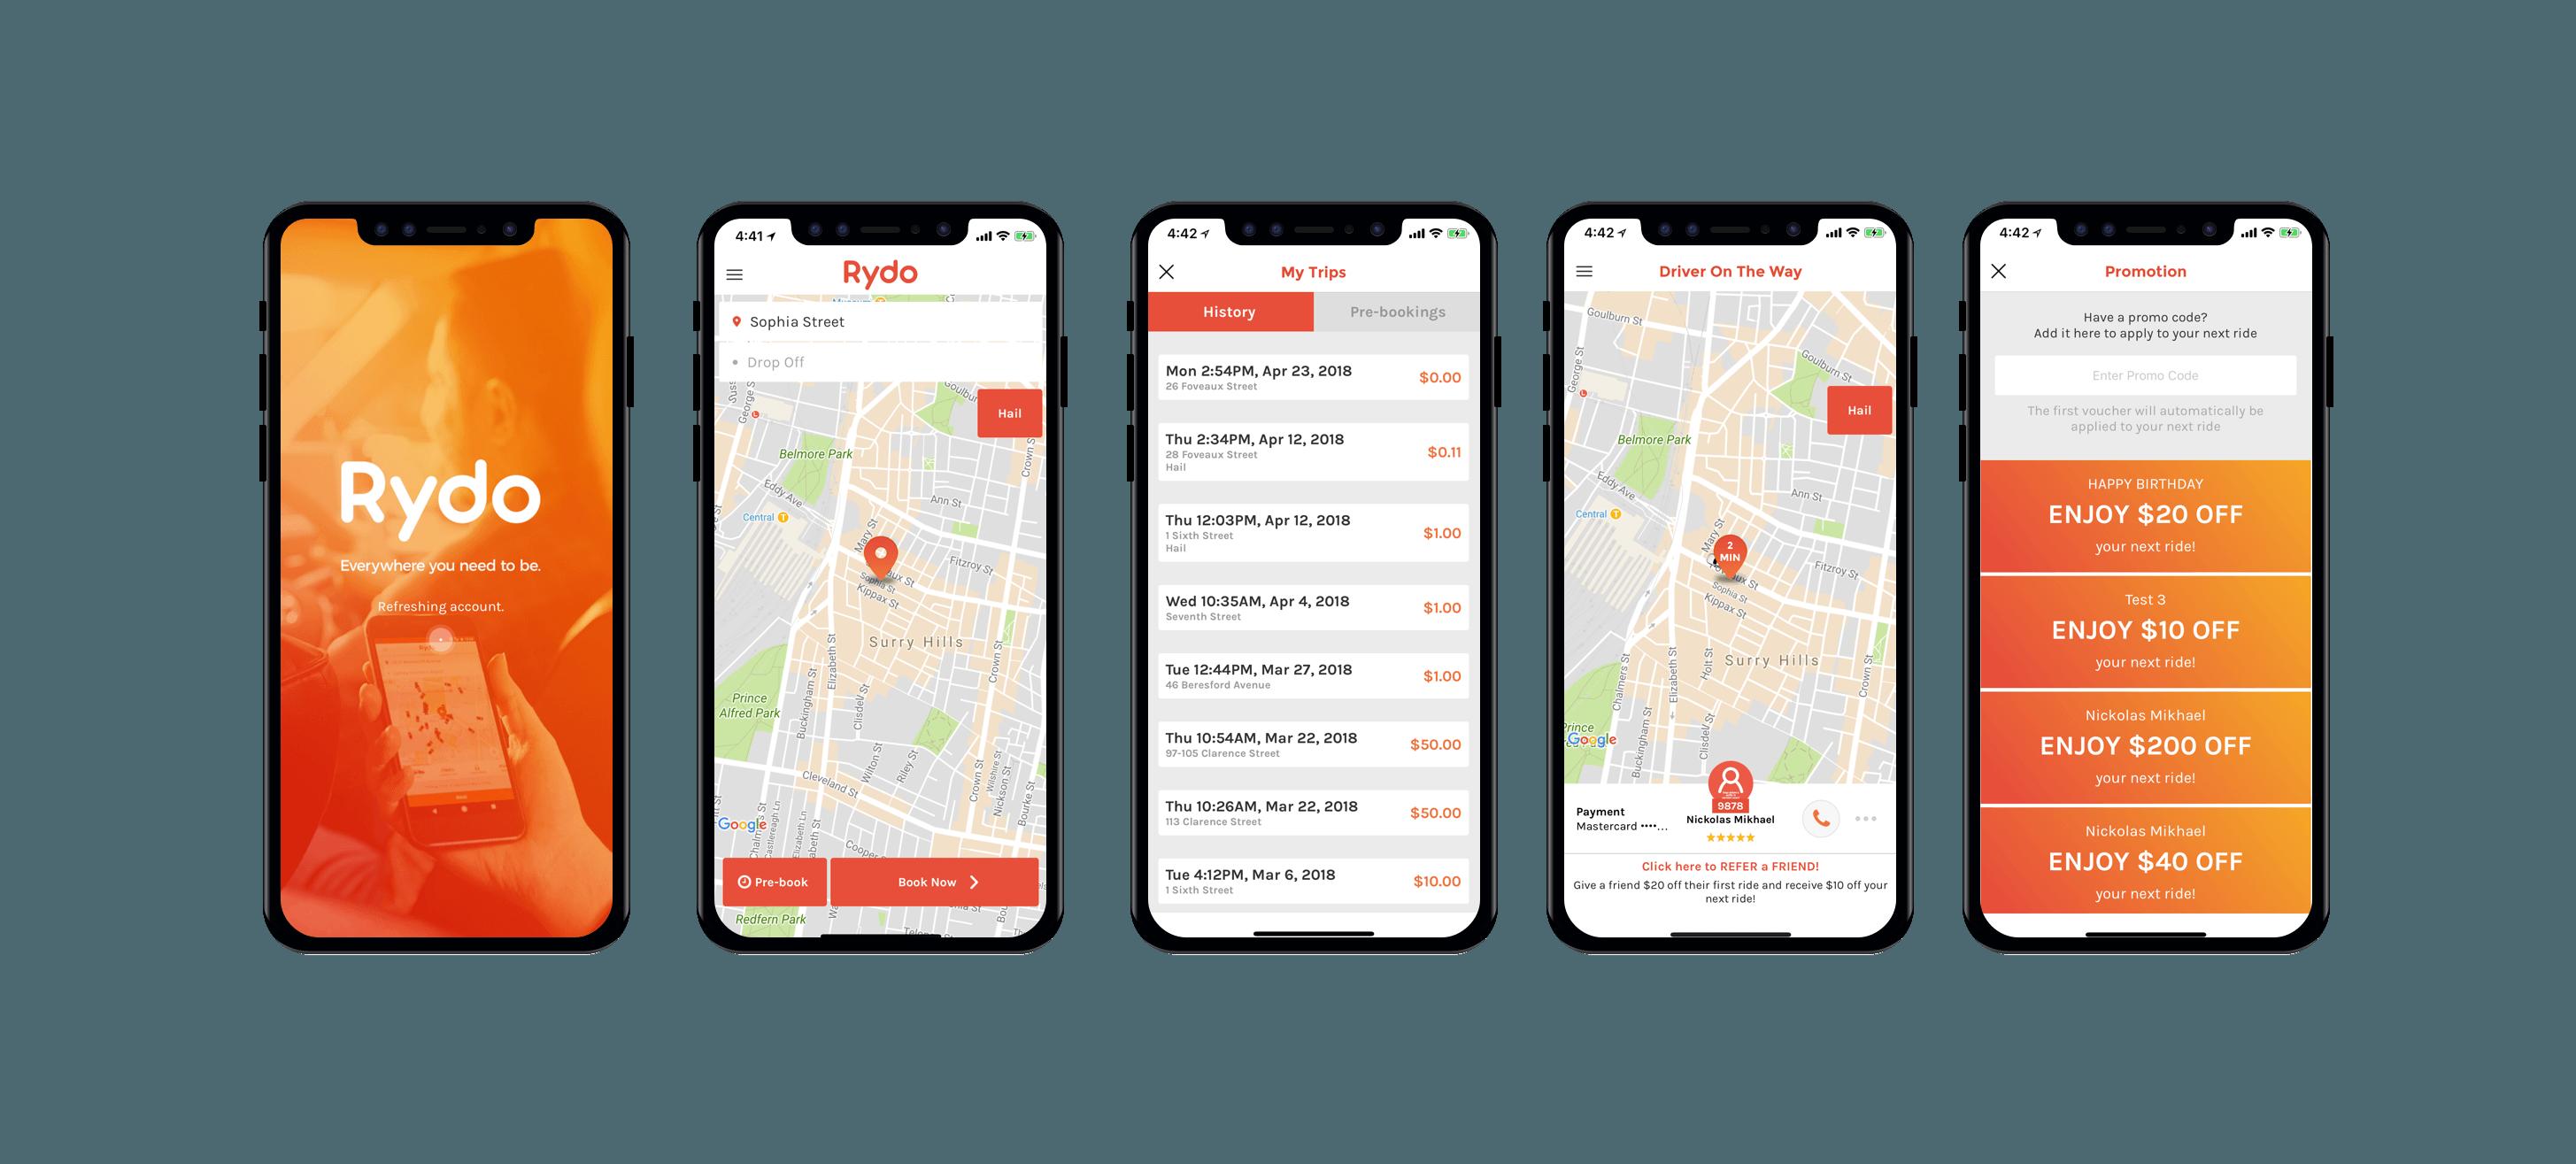 rydo-app-screens